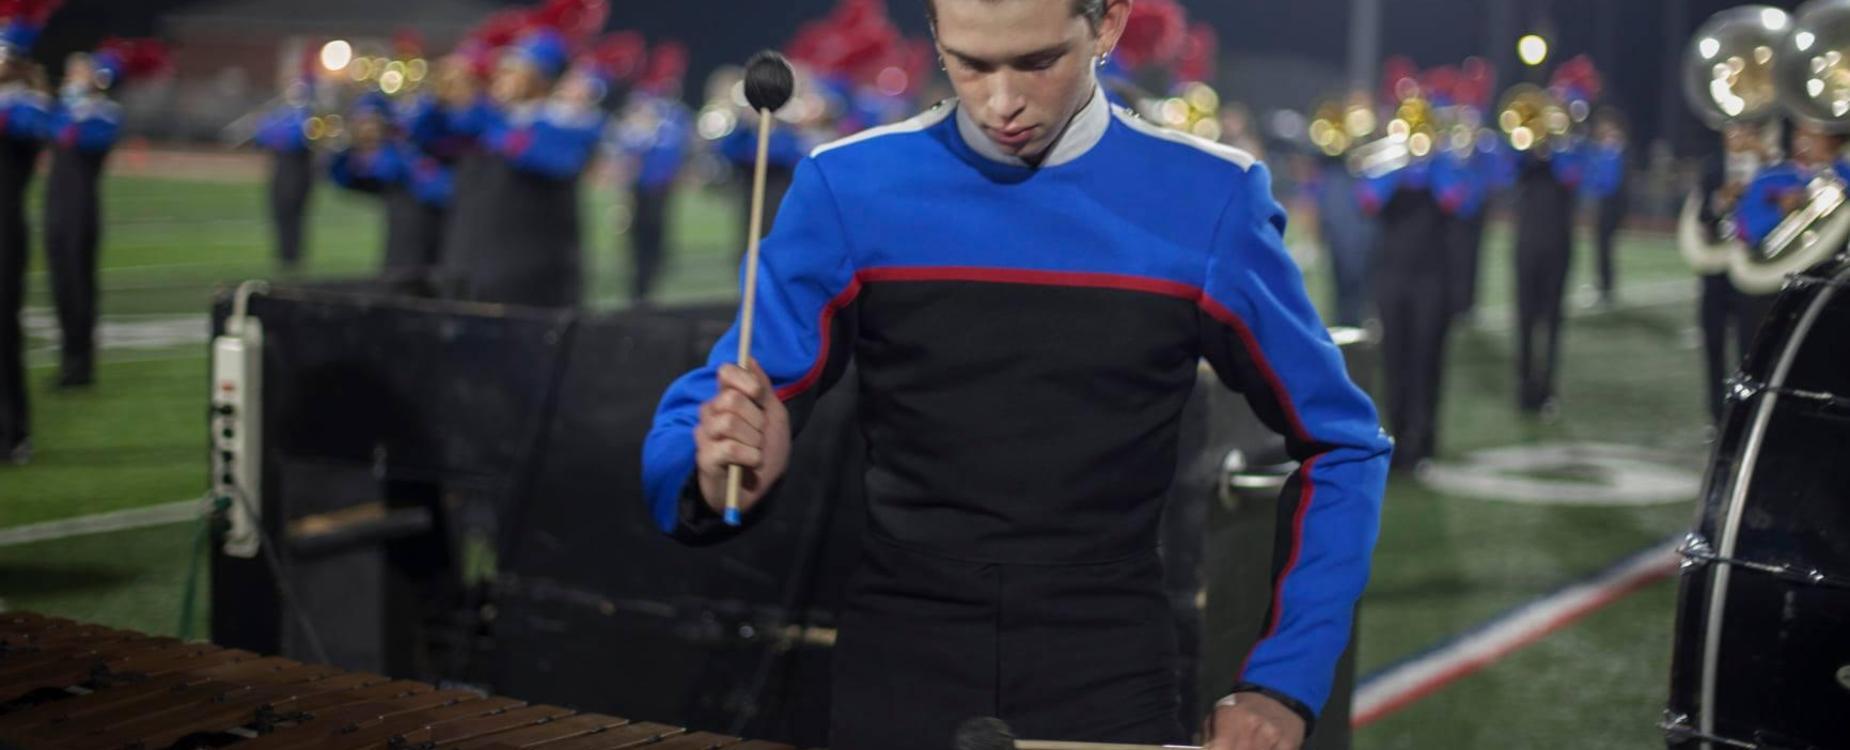 PCHS Band